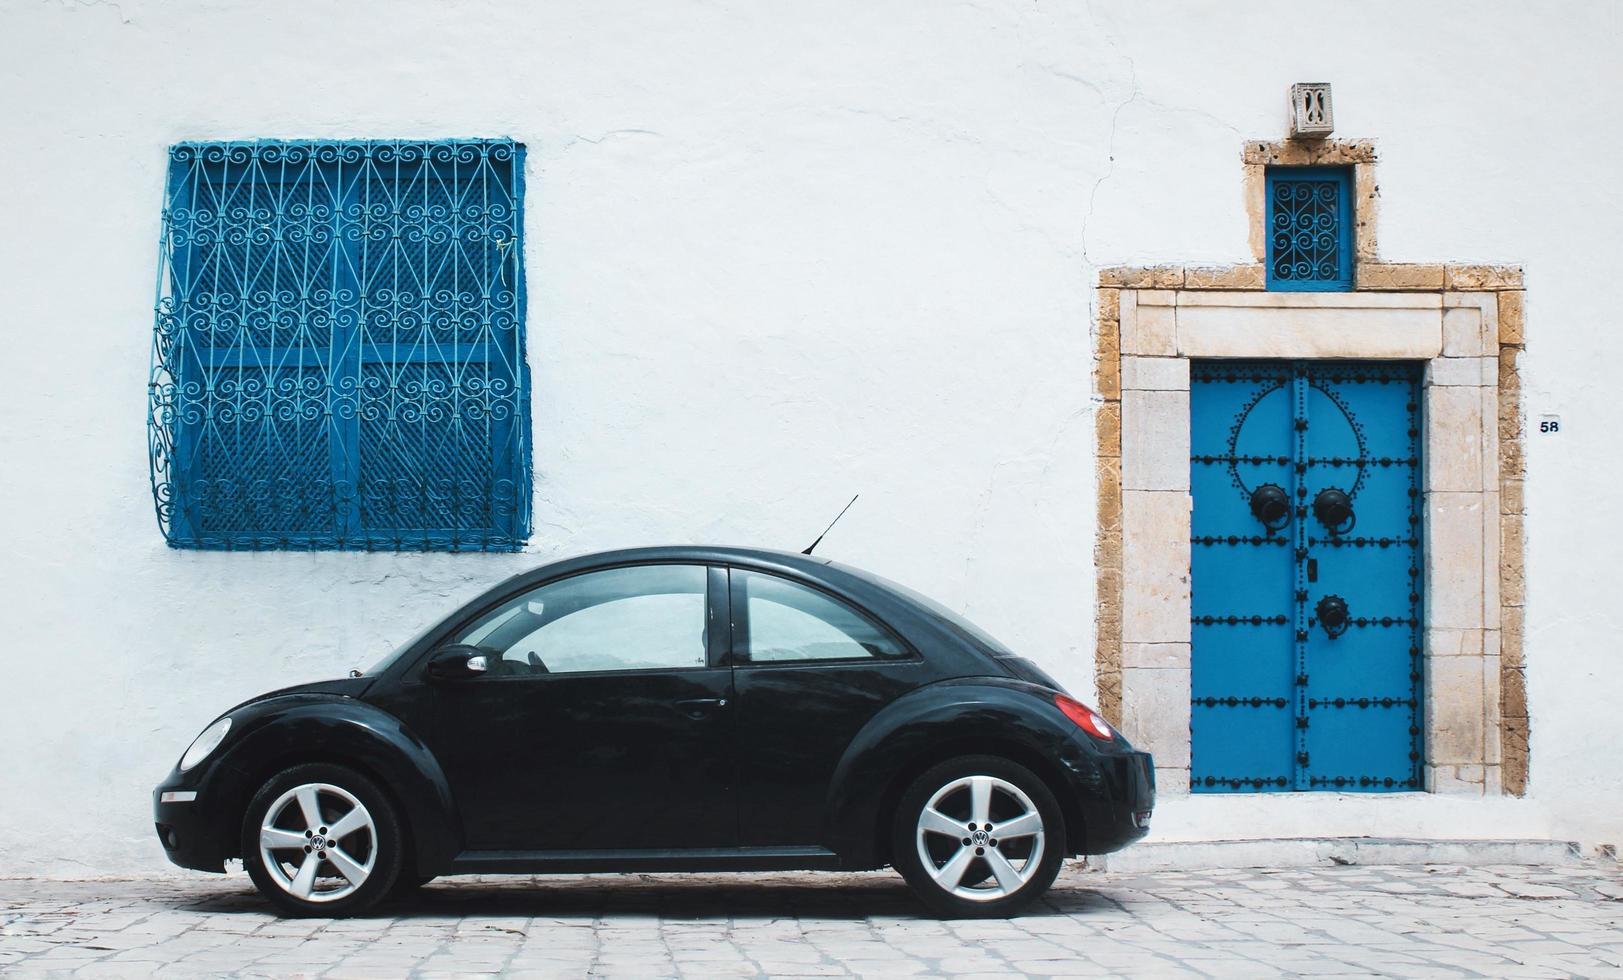 sidi bou said, tunisia, 2020 - auto coleottero nero vicino a casa foto